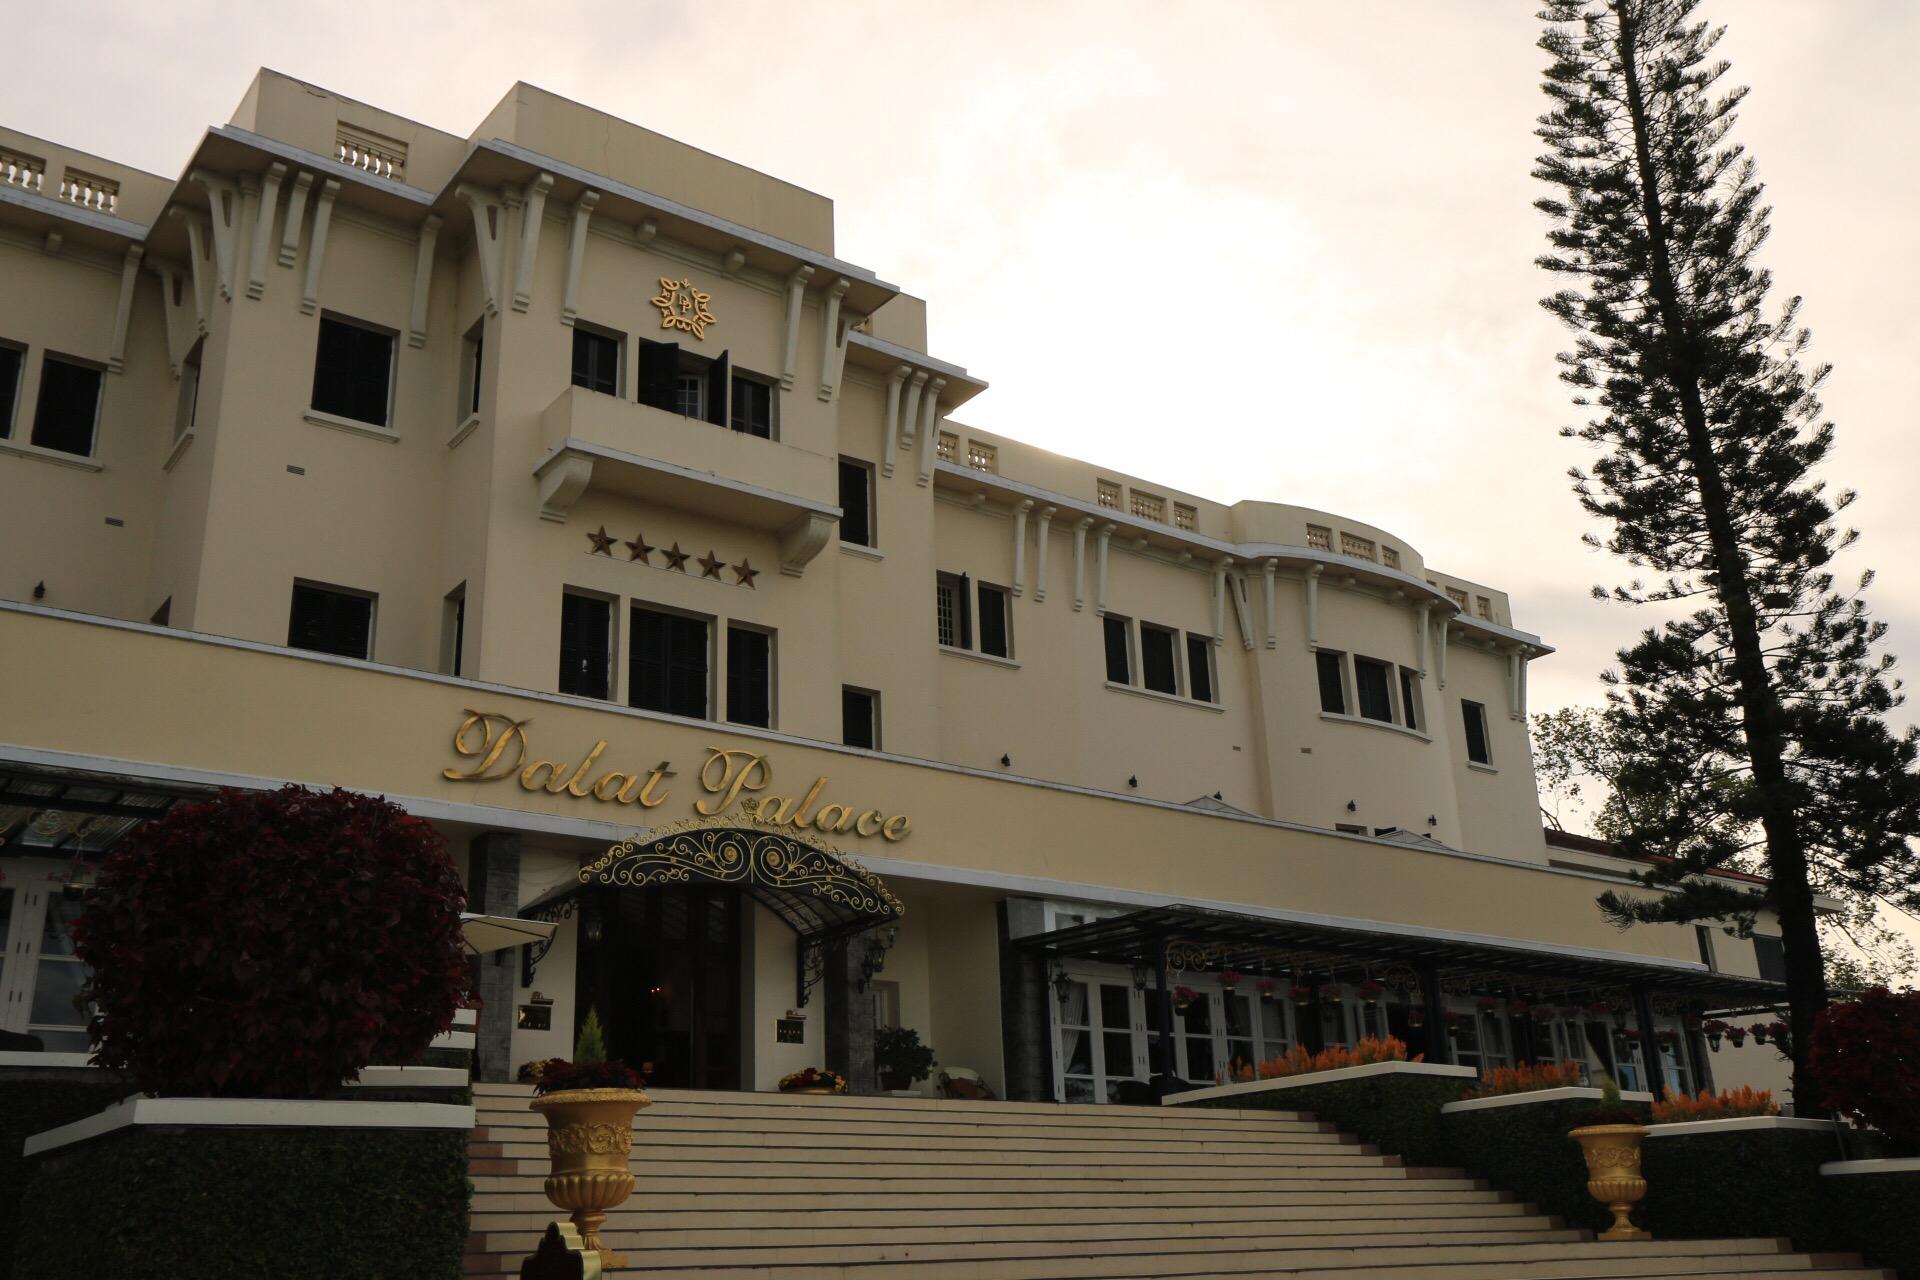 Das Palast Hotel mit einem wunderschönen Park.